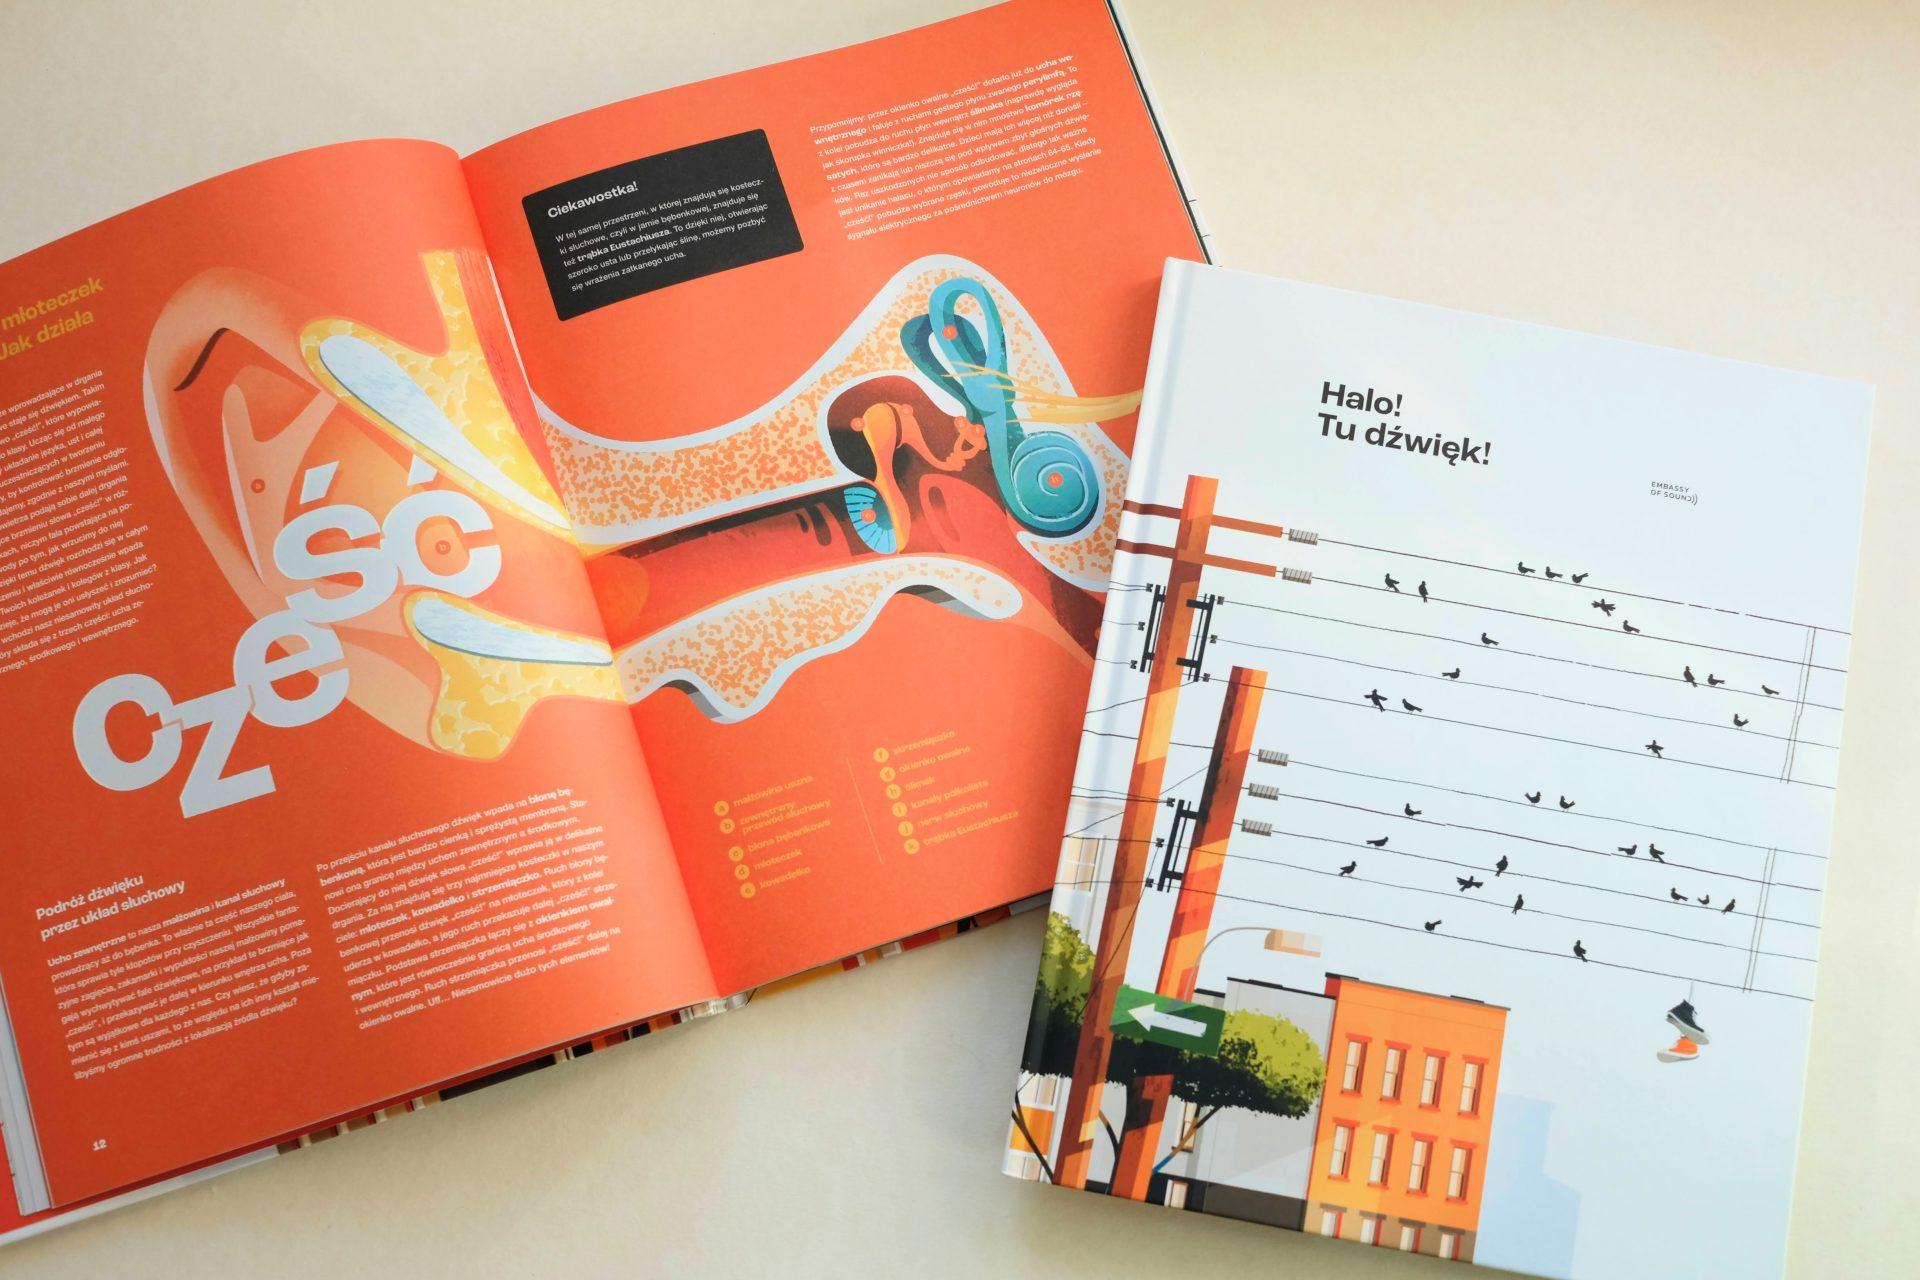 ksika-halo-tu-dwik-prodcuent-fundacja-learn-how-to-sound-projektant-studio-adne-halo-1_51150910101_o